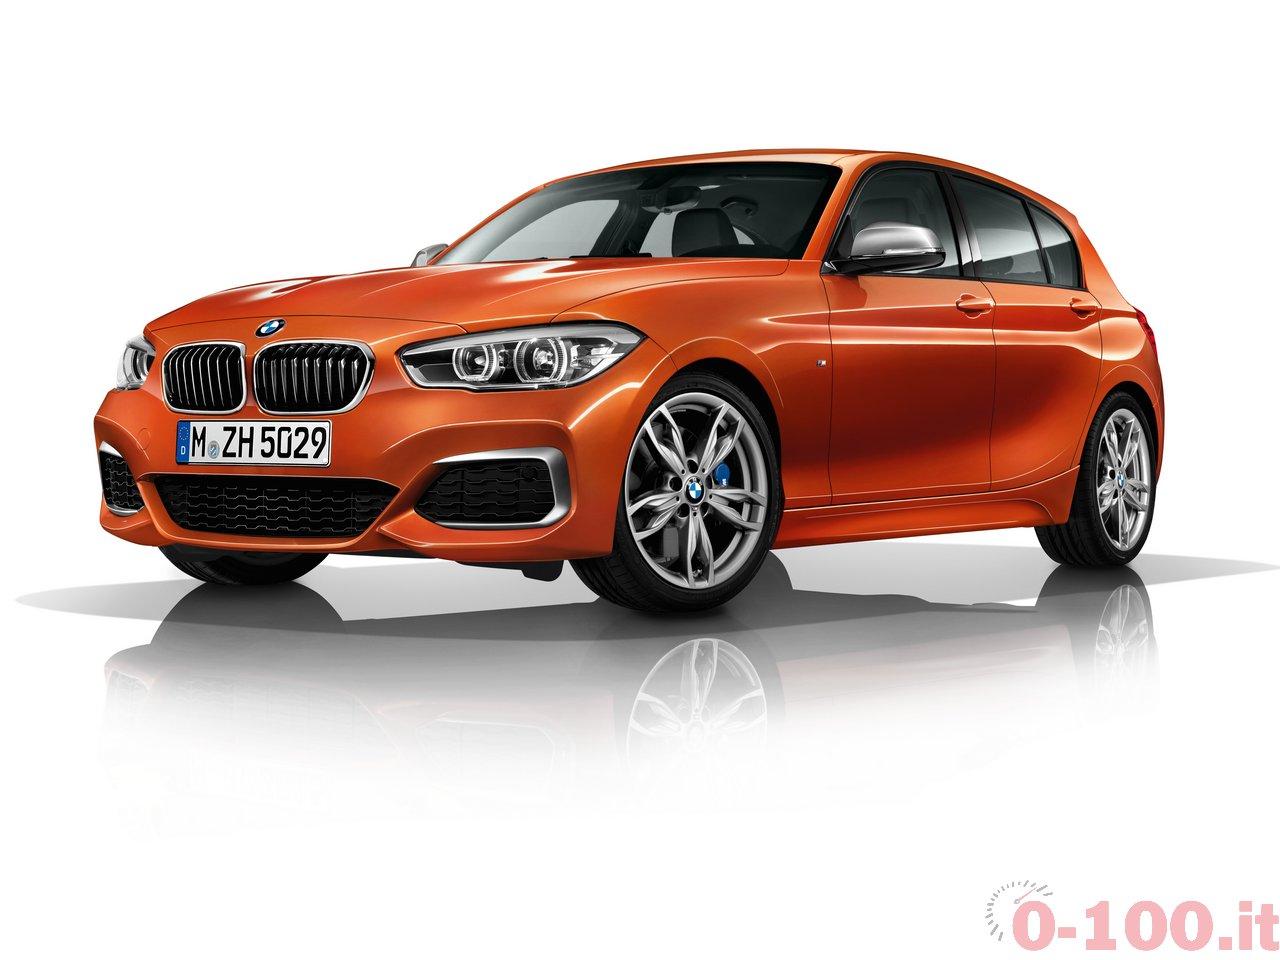 BMW-serie-1-2015_116d-118d-120d-125d-116i-118i-120i-125i-135i-0-100_59